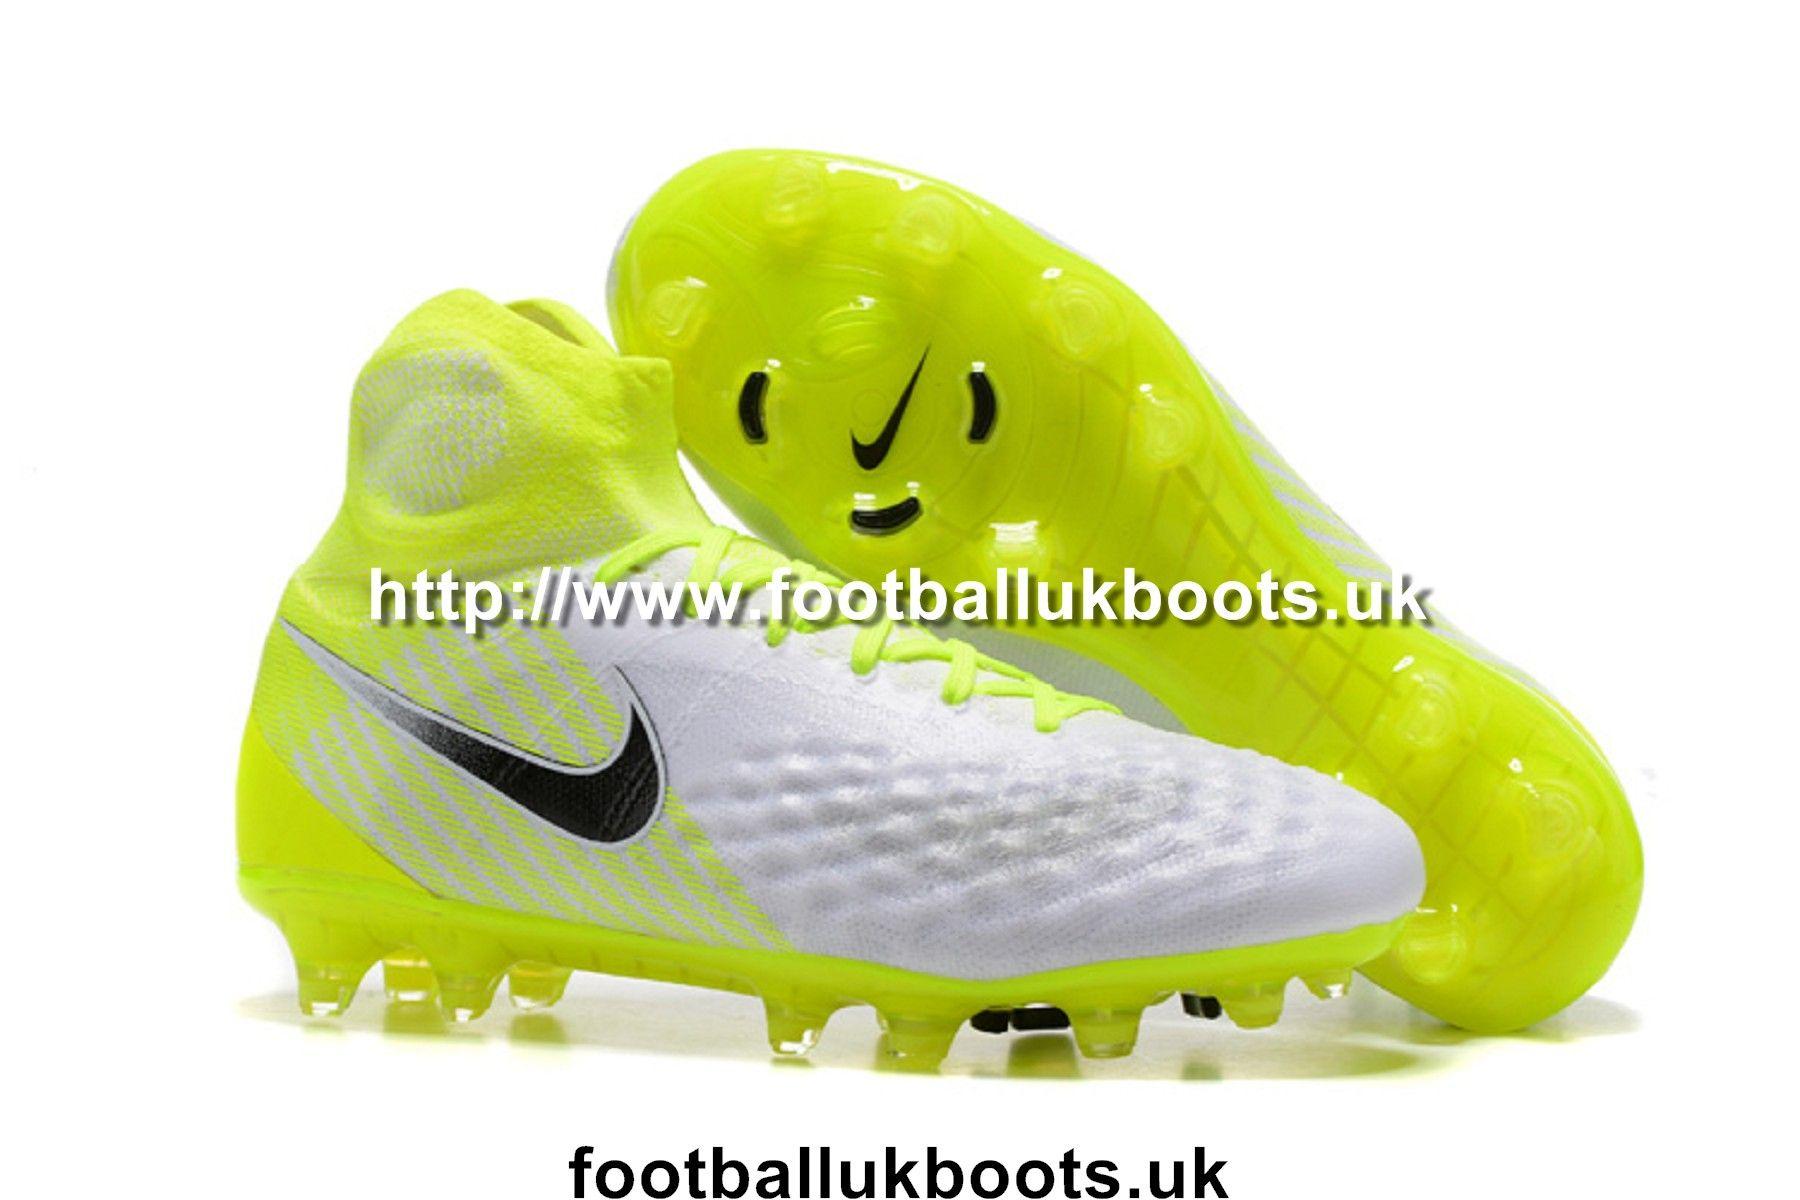 Coolest Nike Magista Obra II FG Football Boots - White/Black/Volt